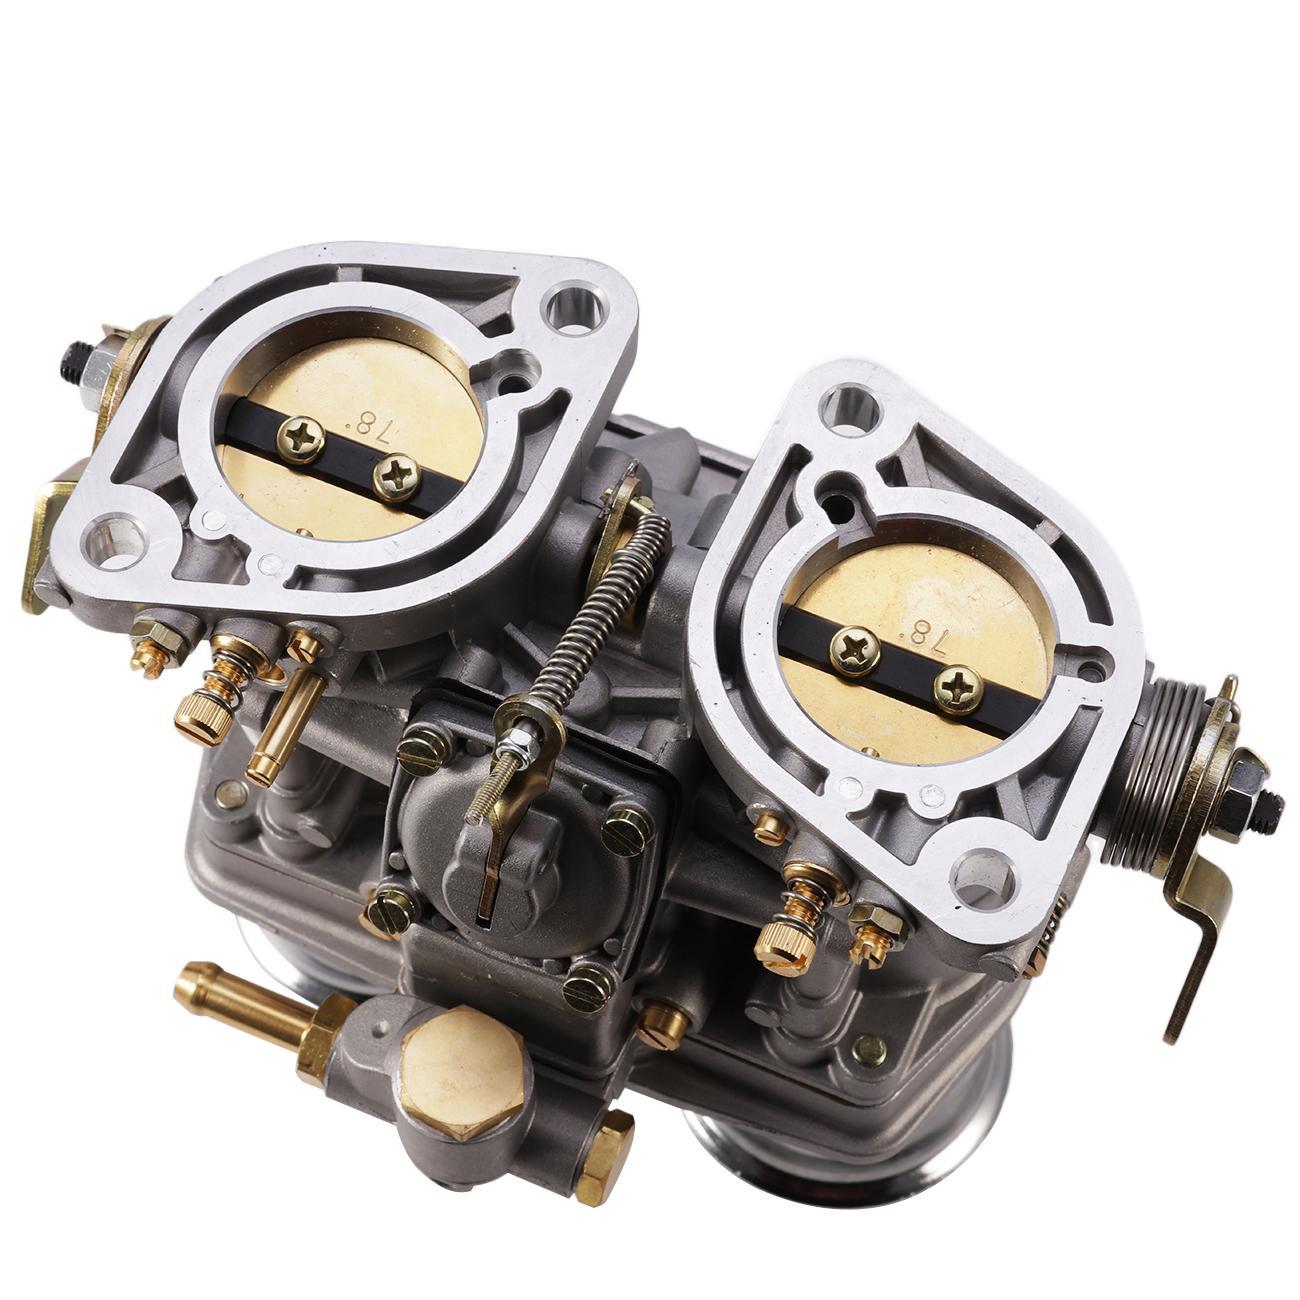 Porsche 911 Engine Vw Beetle: 2pcs 40IDF Replacement Carb/Carburetor Fit Bug/Volkswagen